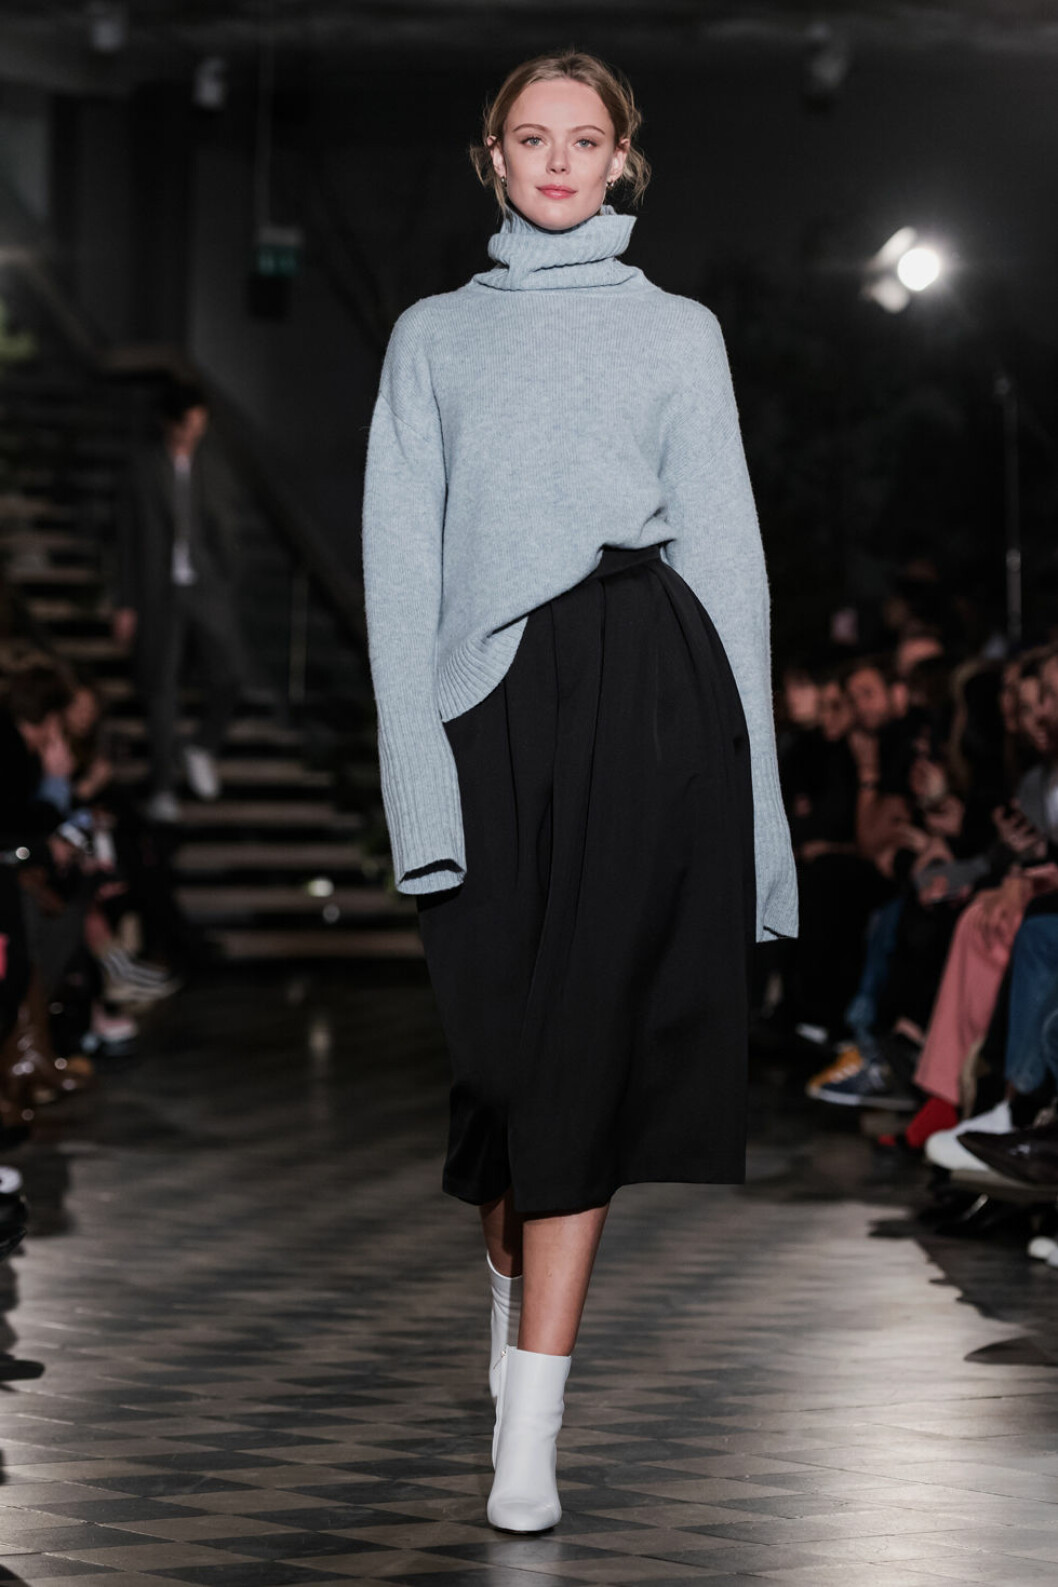 Filippa K AW 18, grå polotröja och svart kjol.